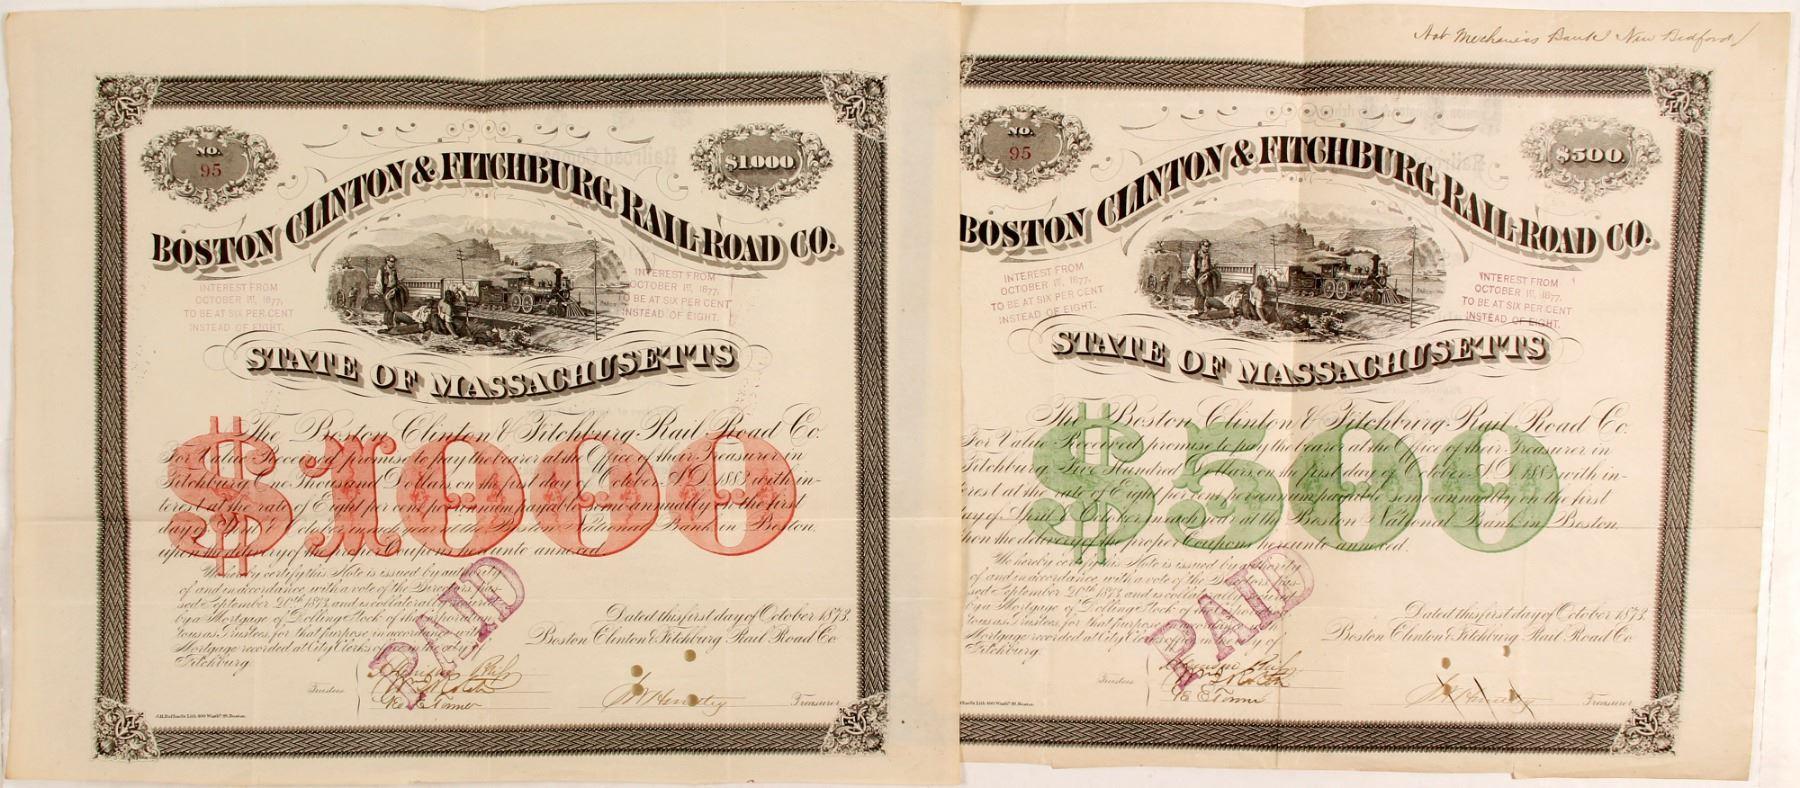 Boston Clinton & Fitchburg Railroad Co bond